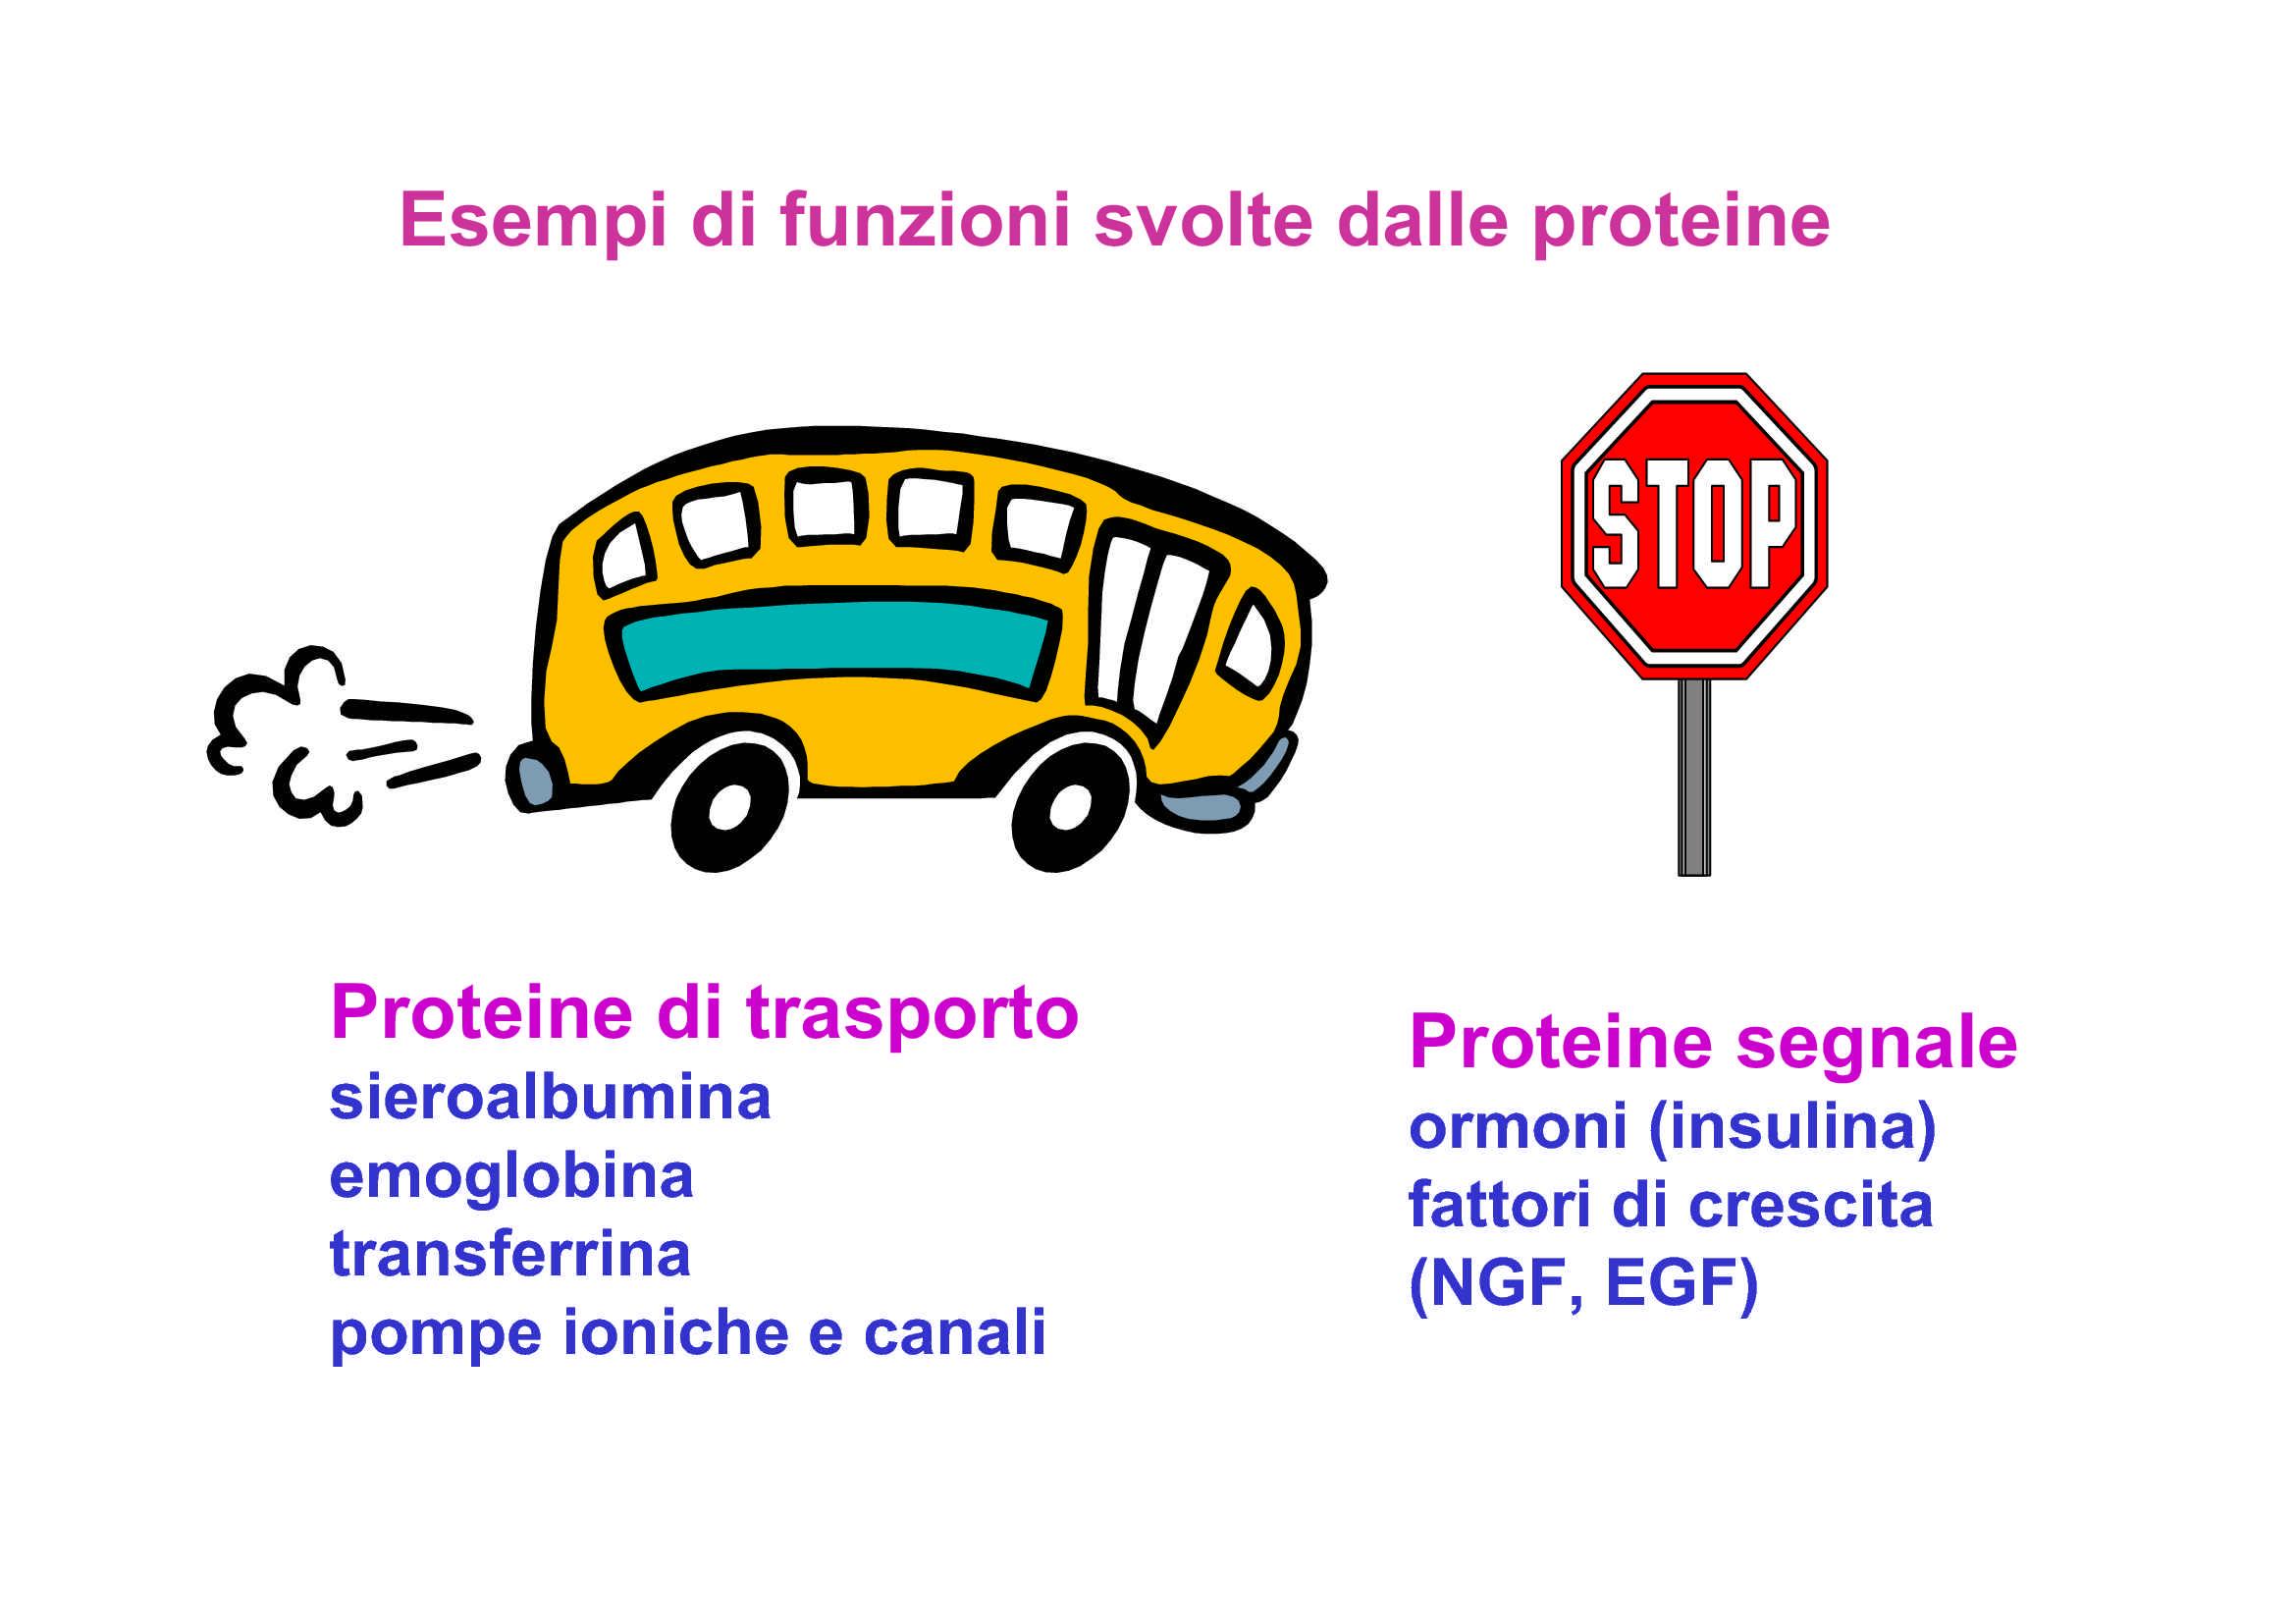 Proteine - Funzioni e strutture